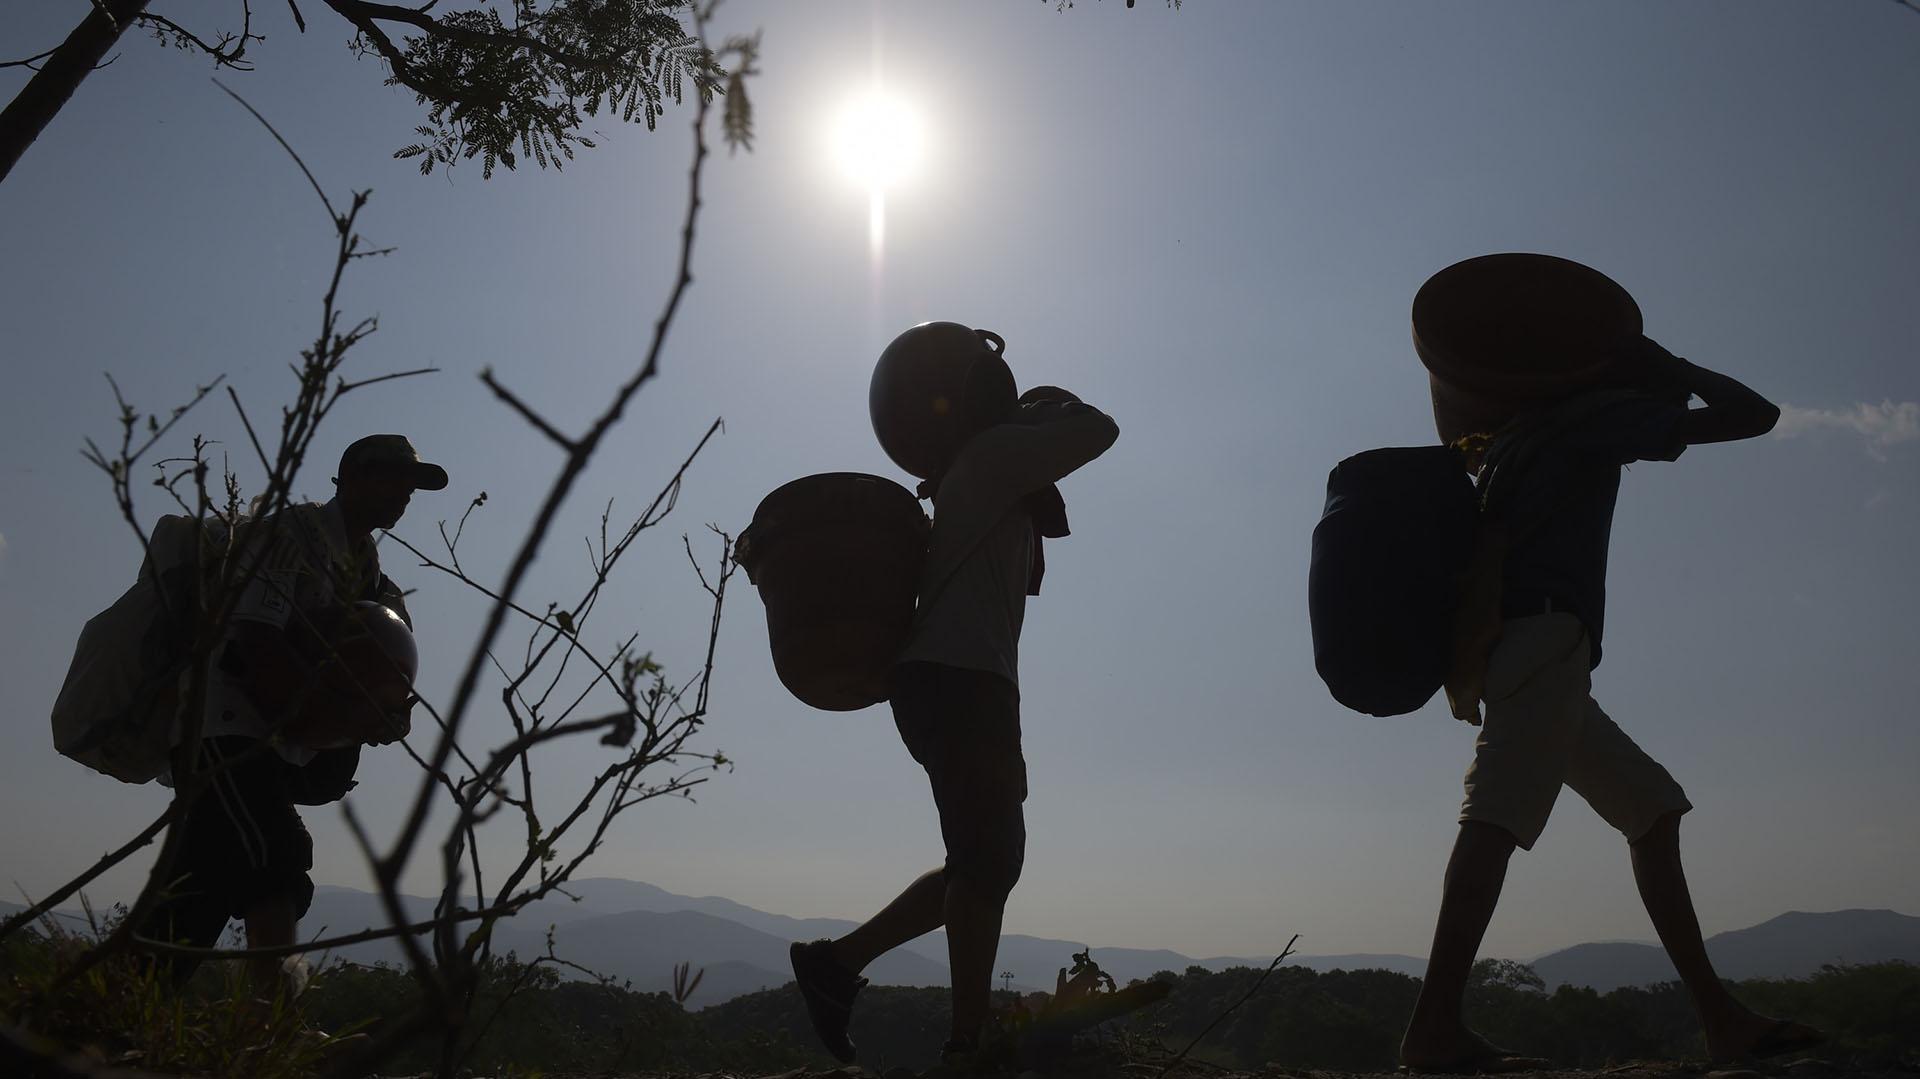 Las trochas son especialmente peligrososo porque grupos criminales suelen aprovecharse de la desesperación de la gente por llegar a Venezuela. Hay extorsions y secuestro